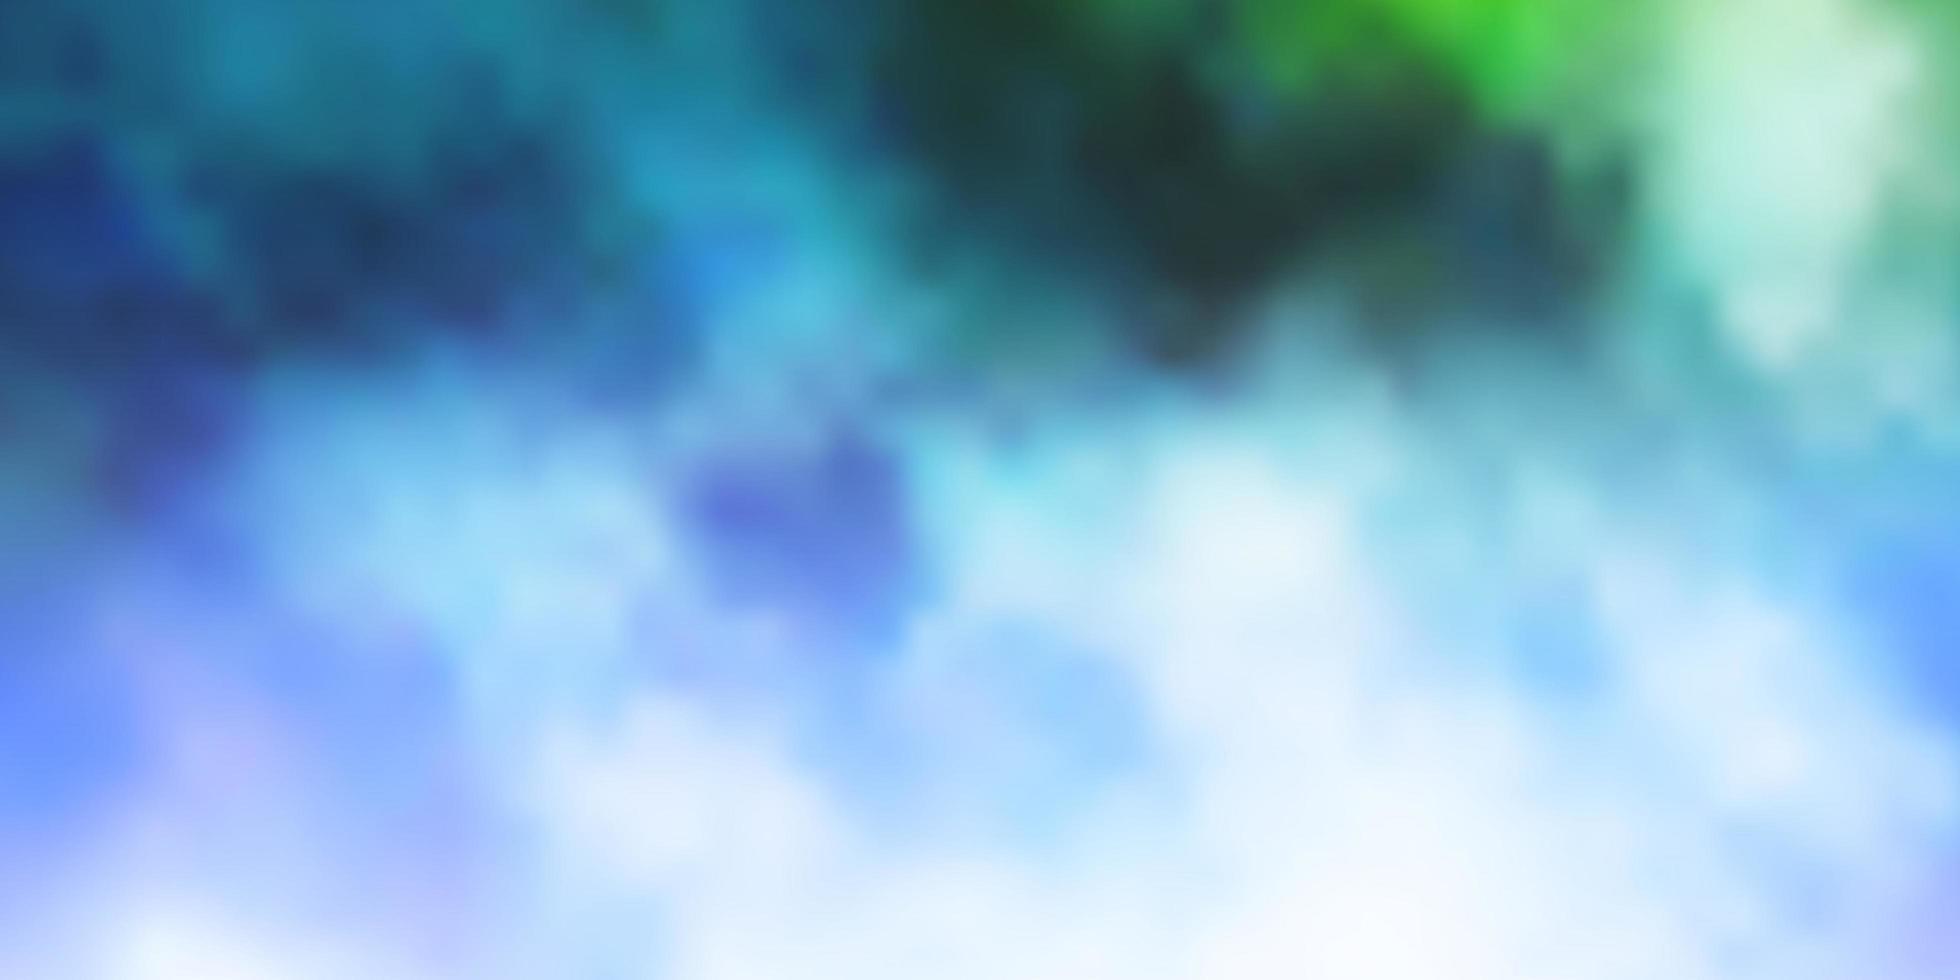 ljusblått, grönt vektormönster med moln. vektor